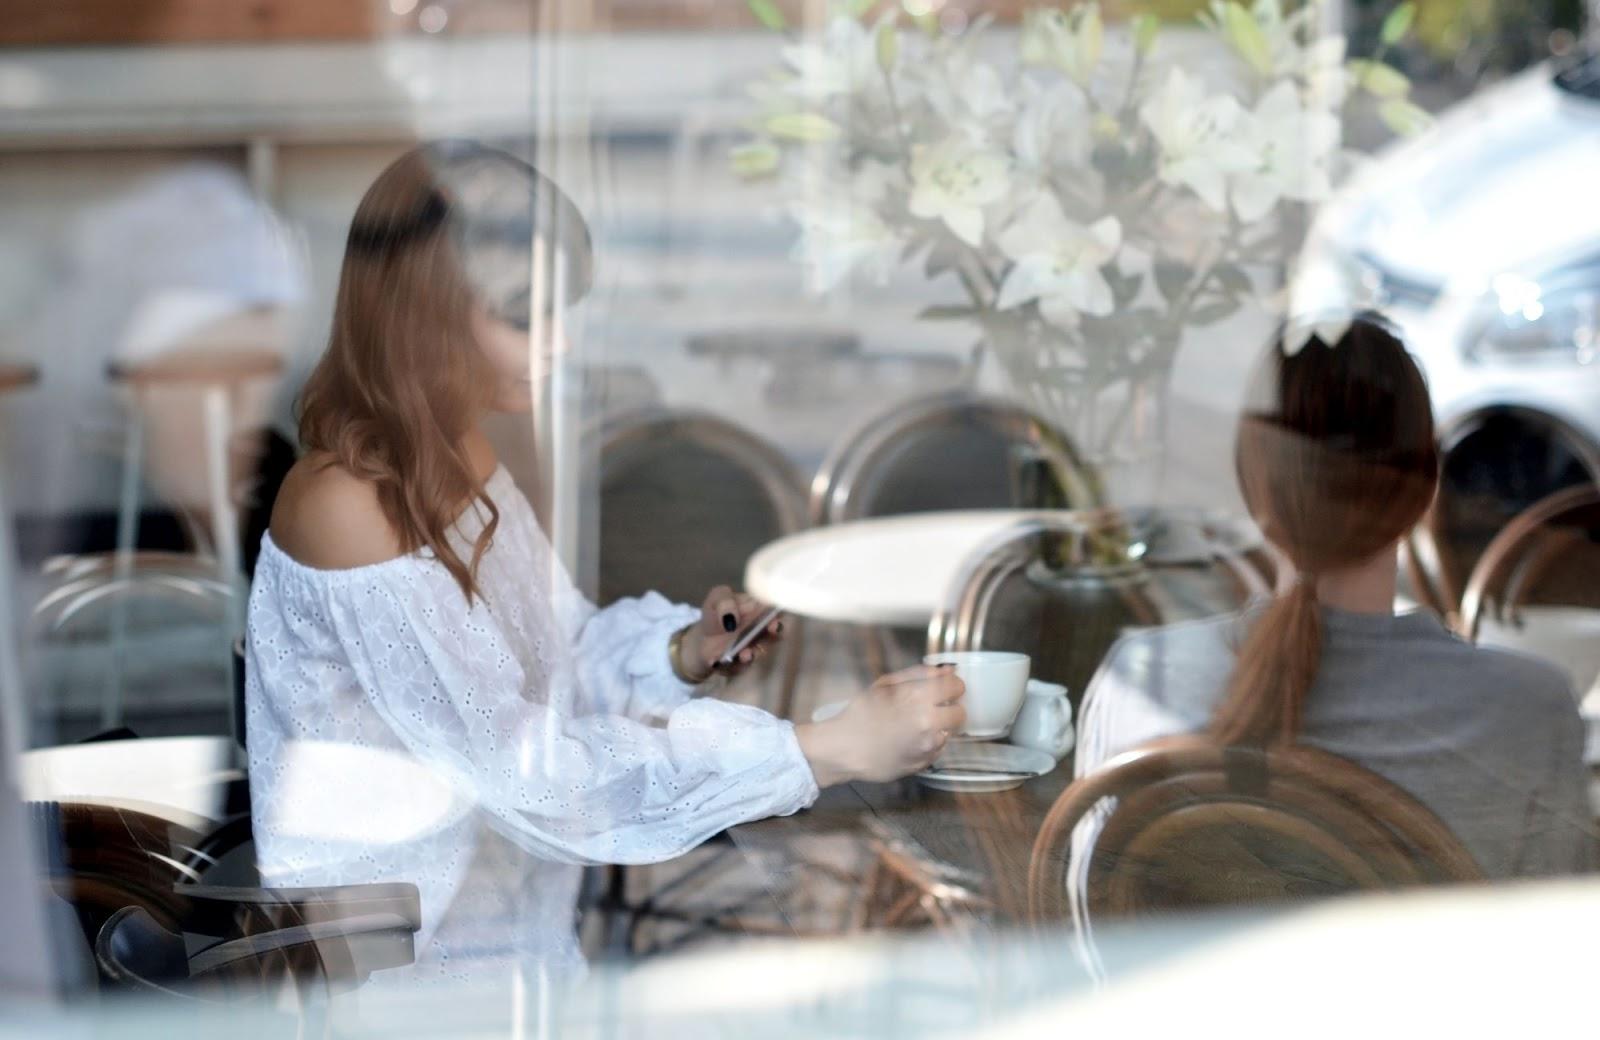 wyprzedaz 2016 | blogerka | pytania do cammy | blog modowy